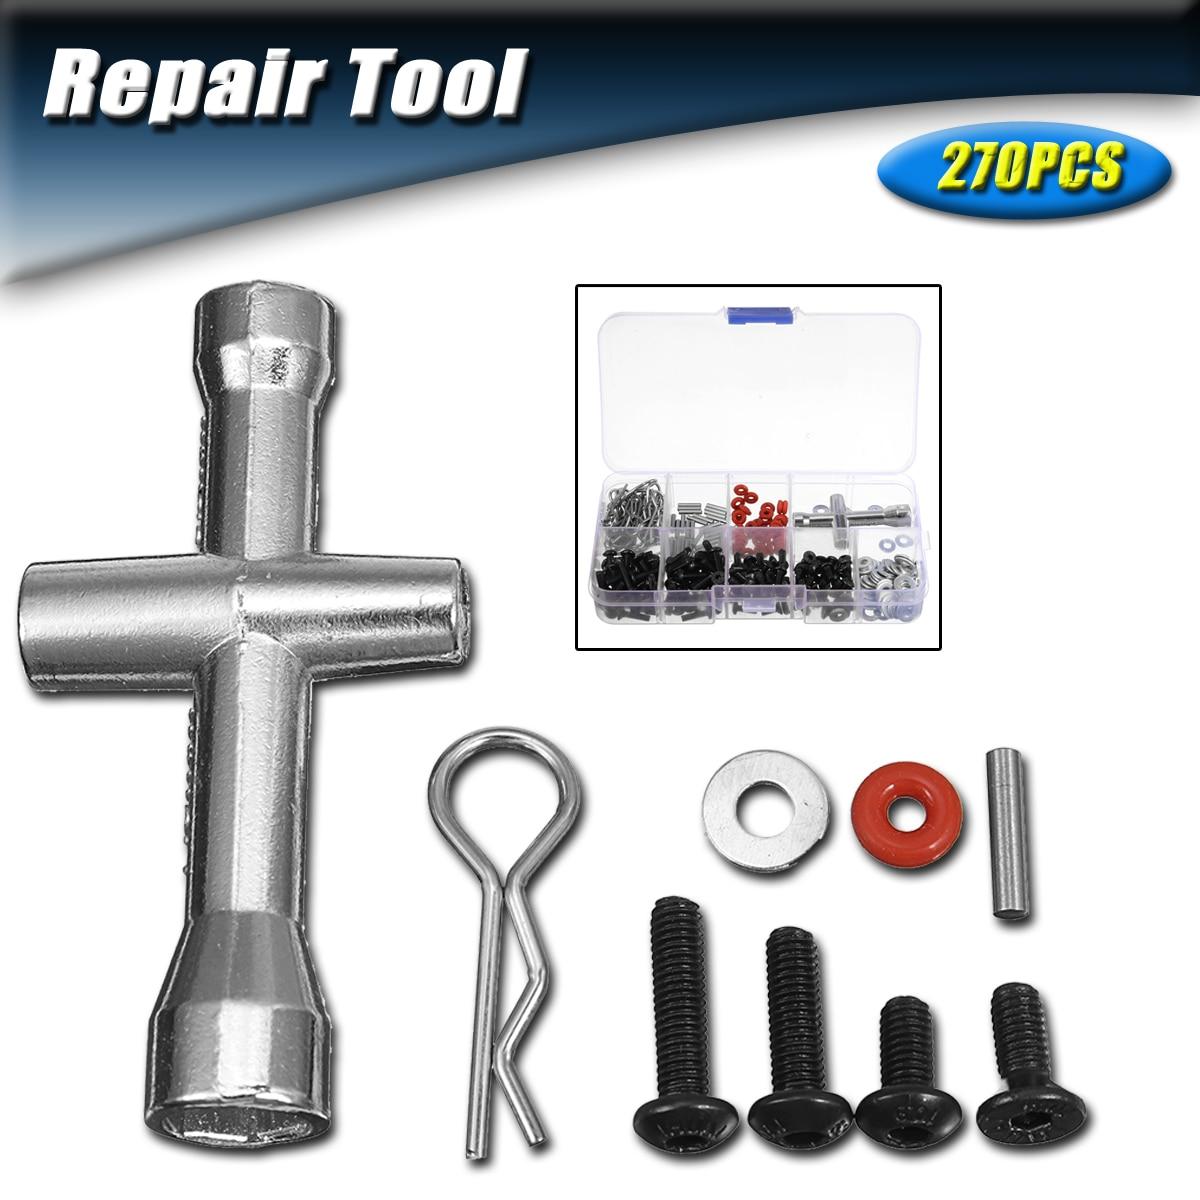 270 Stks Reparatie Tool En Schroeven Box Set Voor 1/10 Hsp Rc Auto Met Inbussleutel Box Verpakt Schroef Tool Rc Speelgoed Reparatie Tools